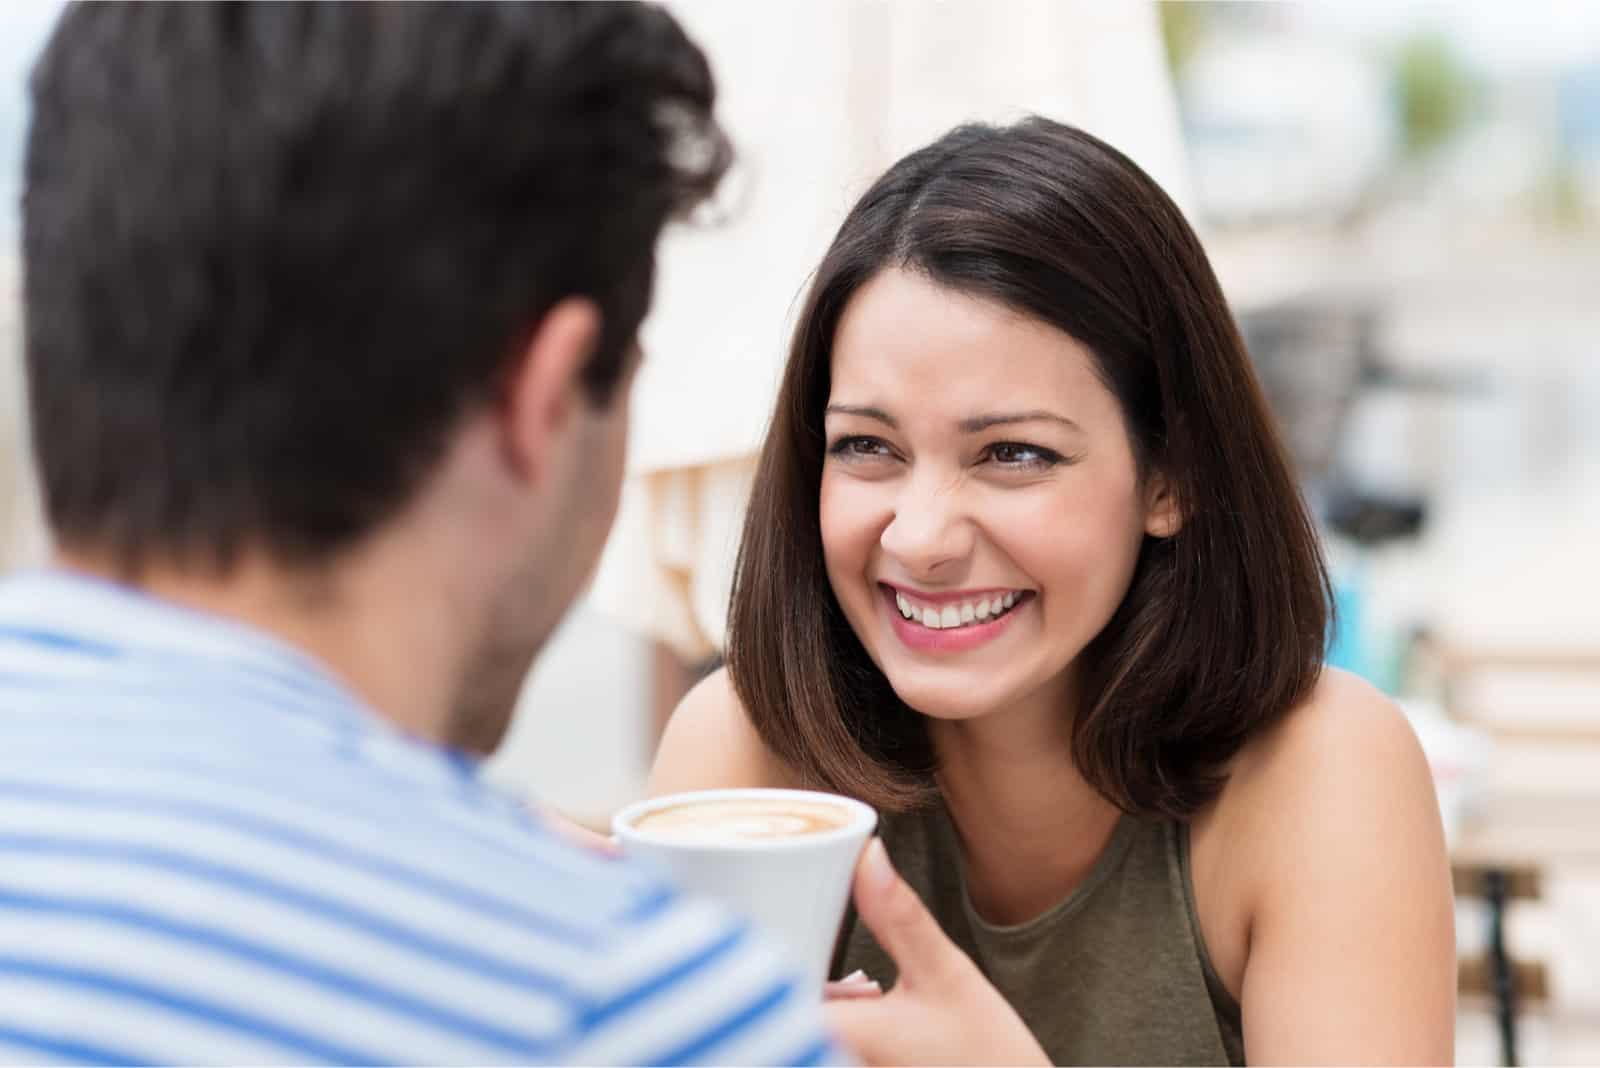 femme souriant en regardant un homme